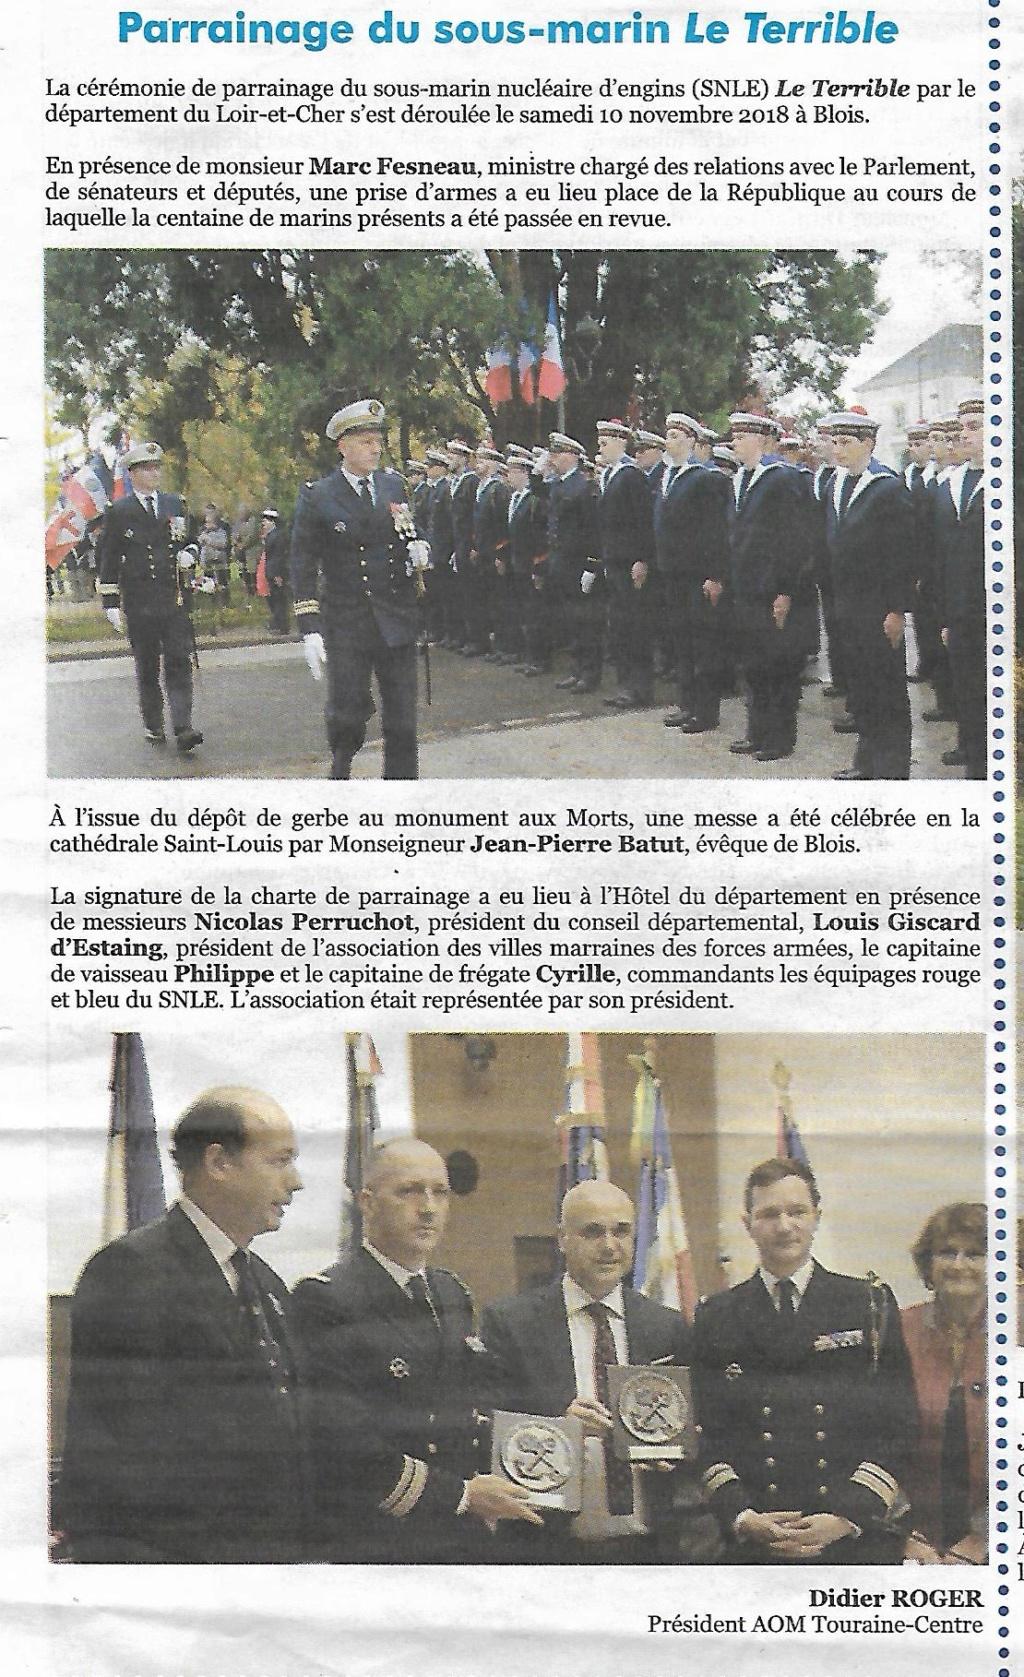 [Les traditions dans la Marine] Les Villes Marraines - Page 14 Scan39